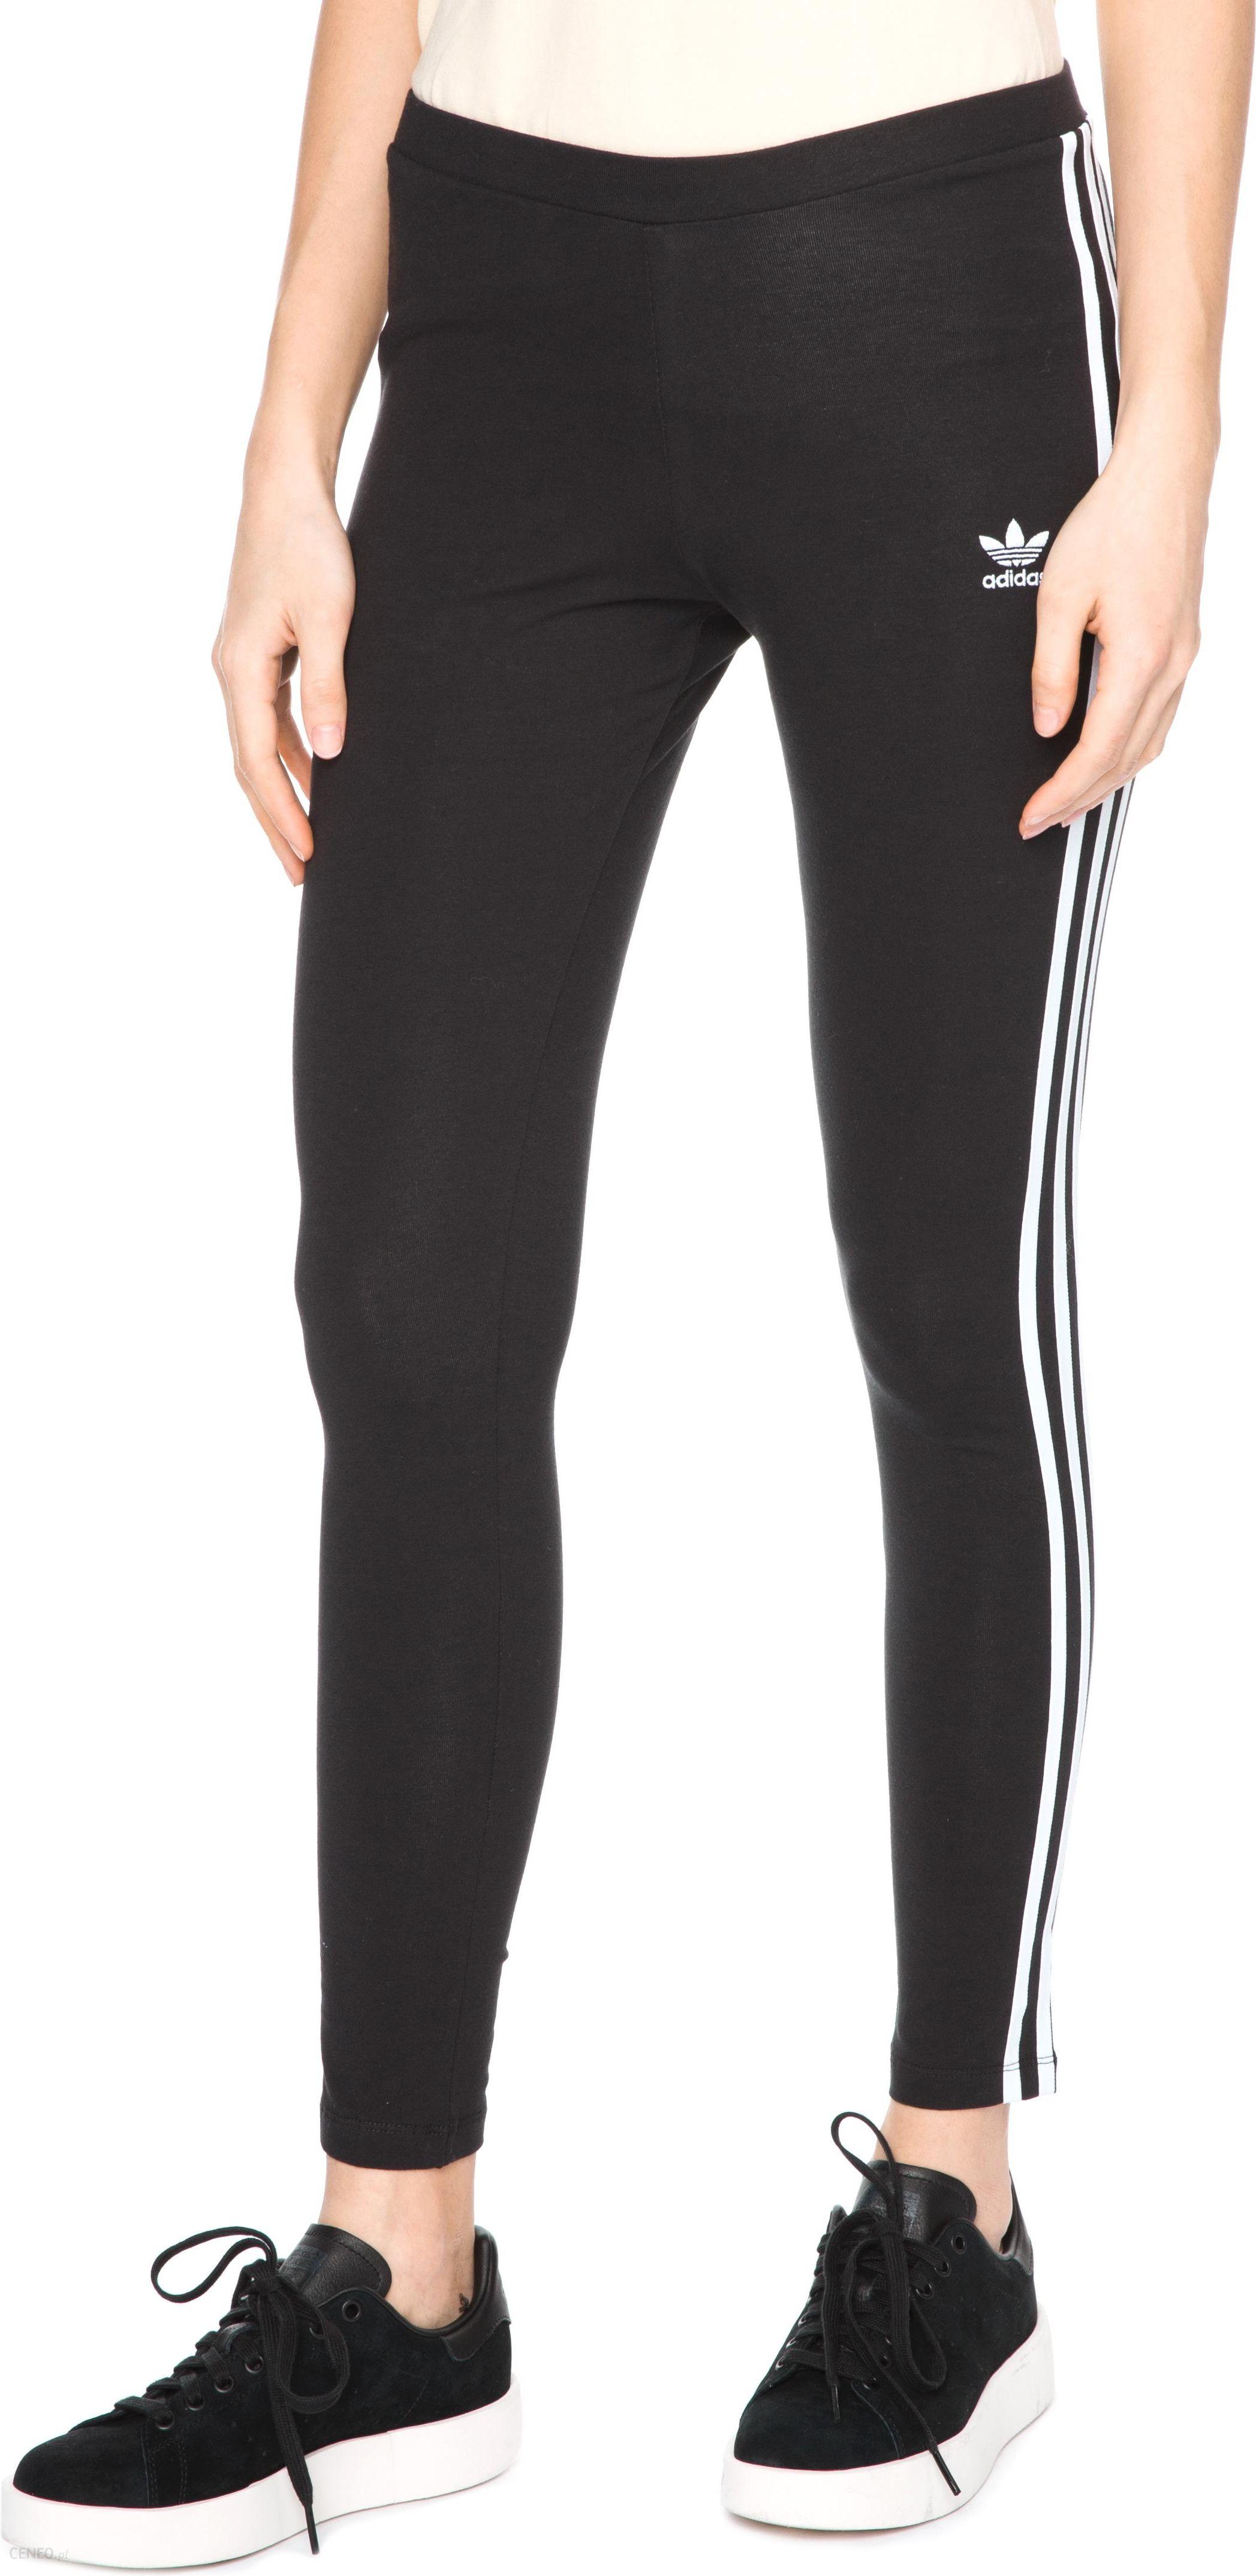 Adidas Originals 3 Stripes Legginsy Czarny 38 Ceny i opinie Ceneo.pl